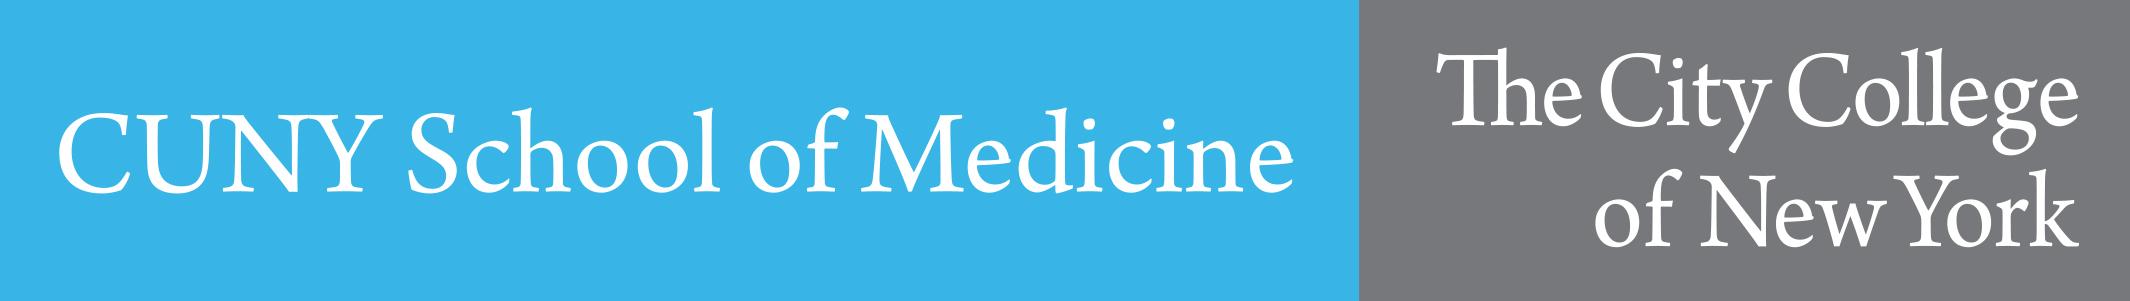 CUNY School of Medicine